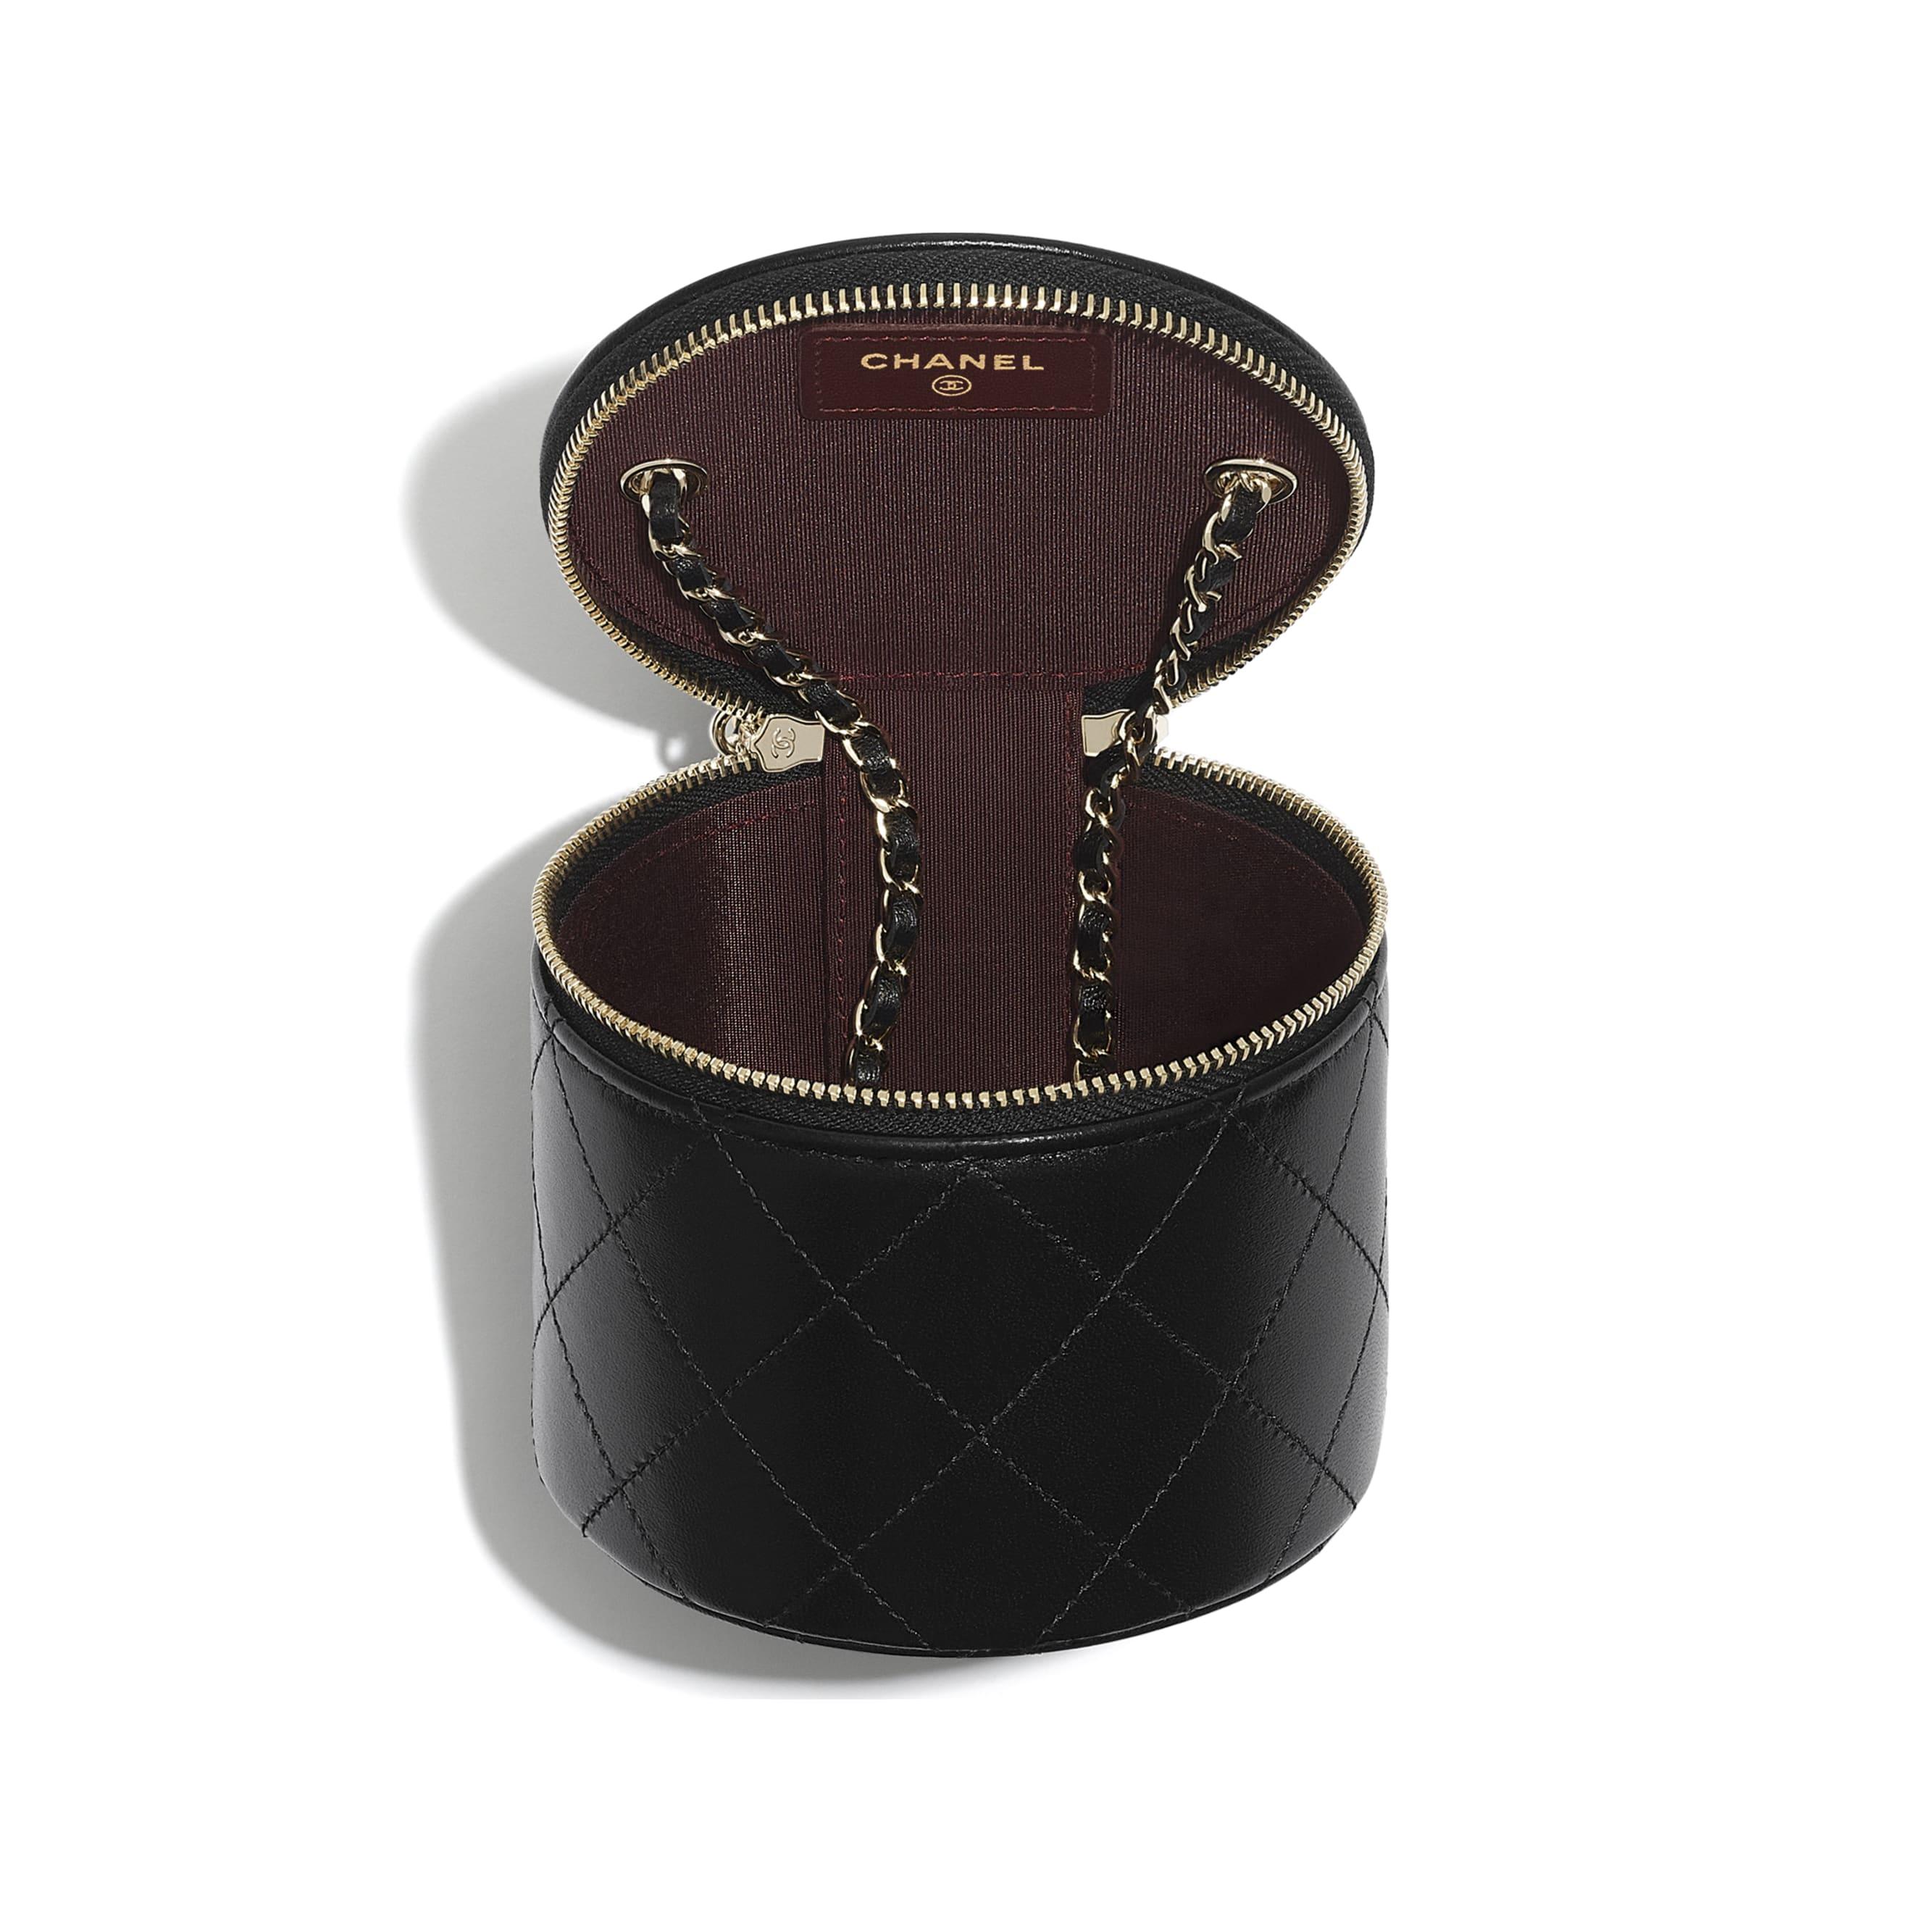 小型鍊子化妝包 - 黑 - 小羊皮與金色金屬 - CHANEL - 其他視圖 - 查看標準尺寸版本